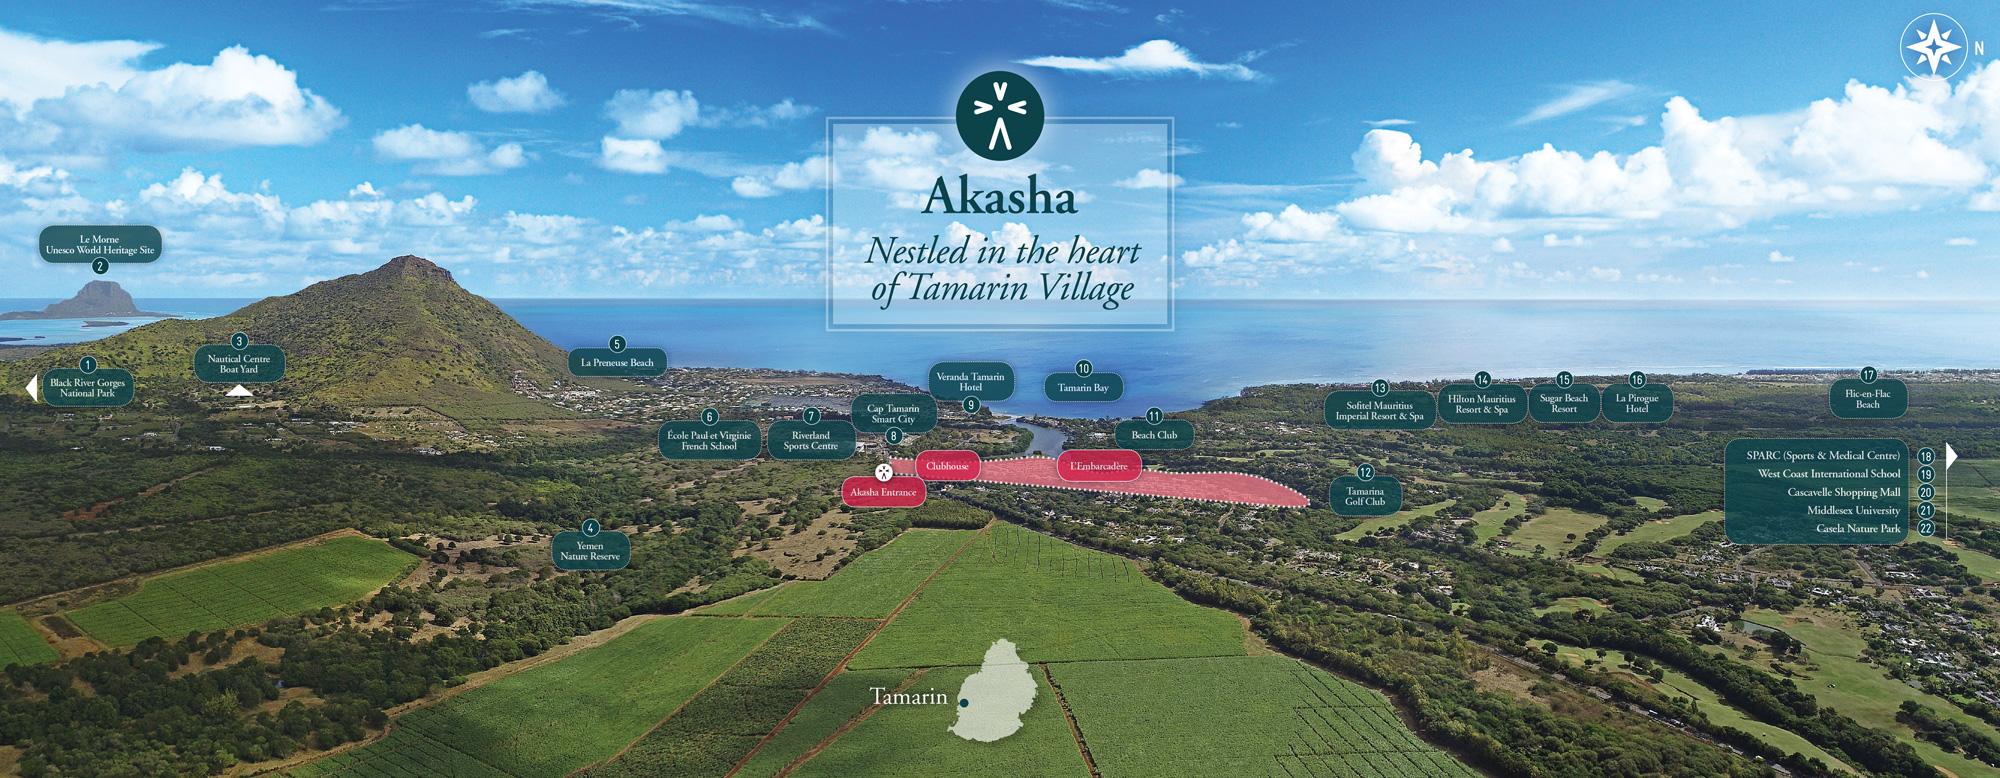 akasha-and-around-high-res